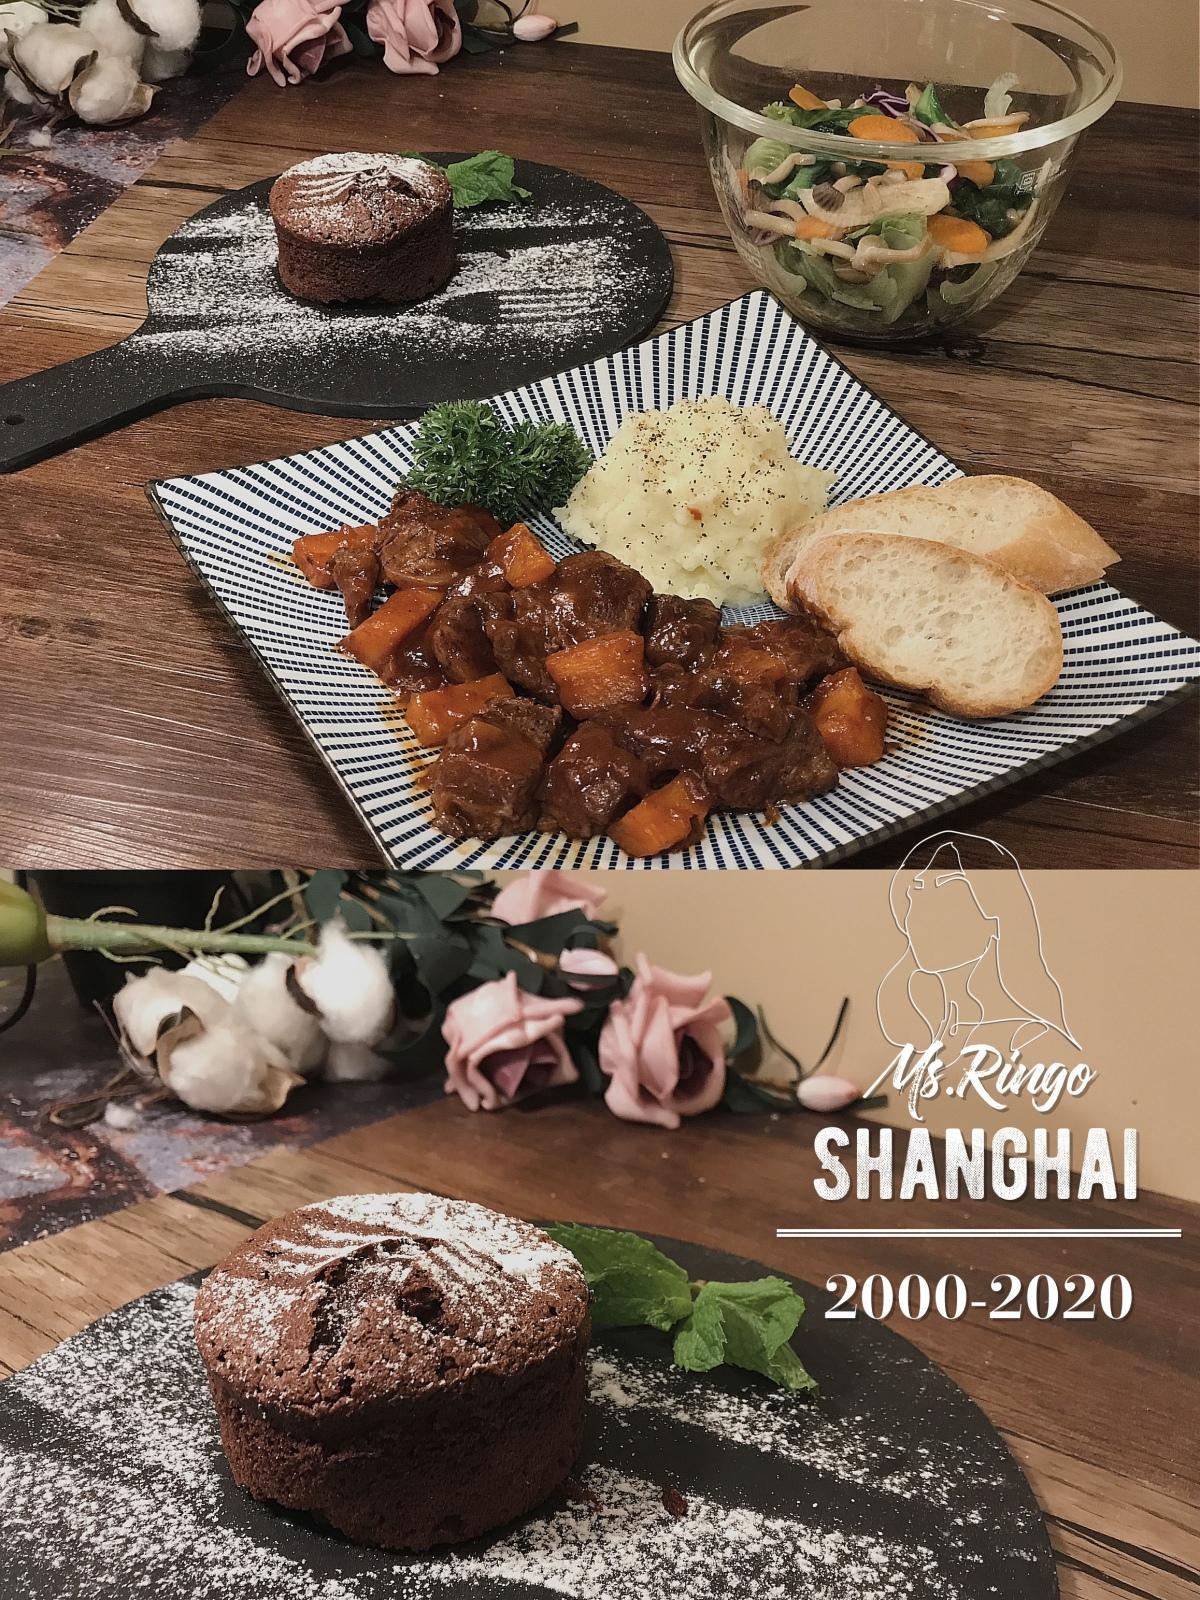 自製勃艮第牛肉法式全餐・慶祝來上海20年